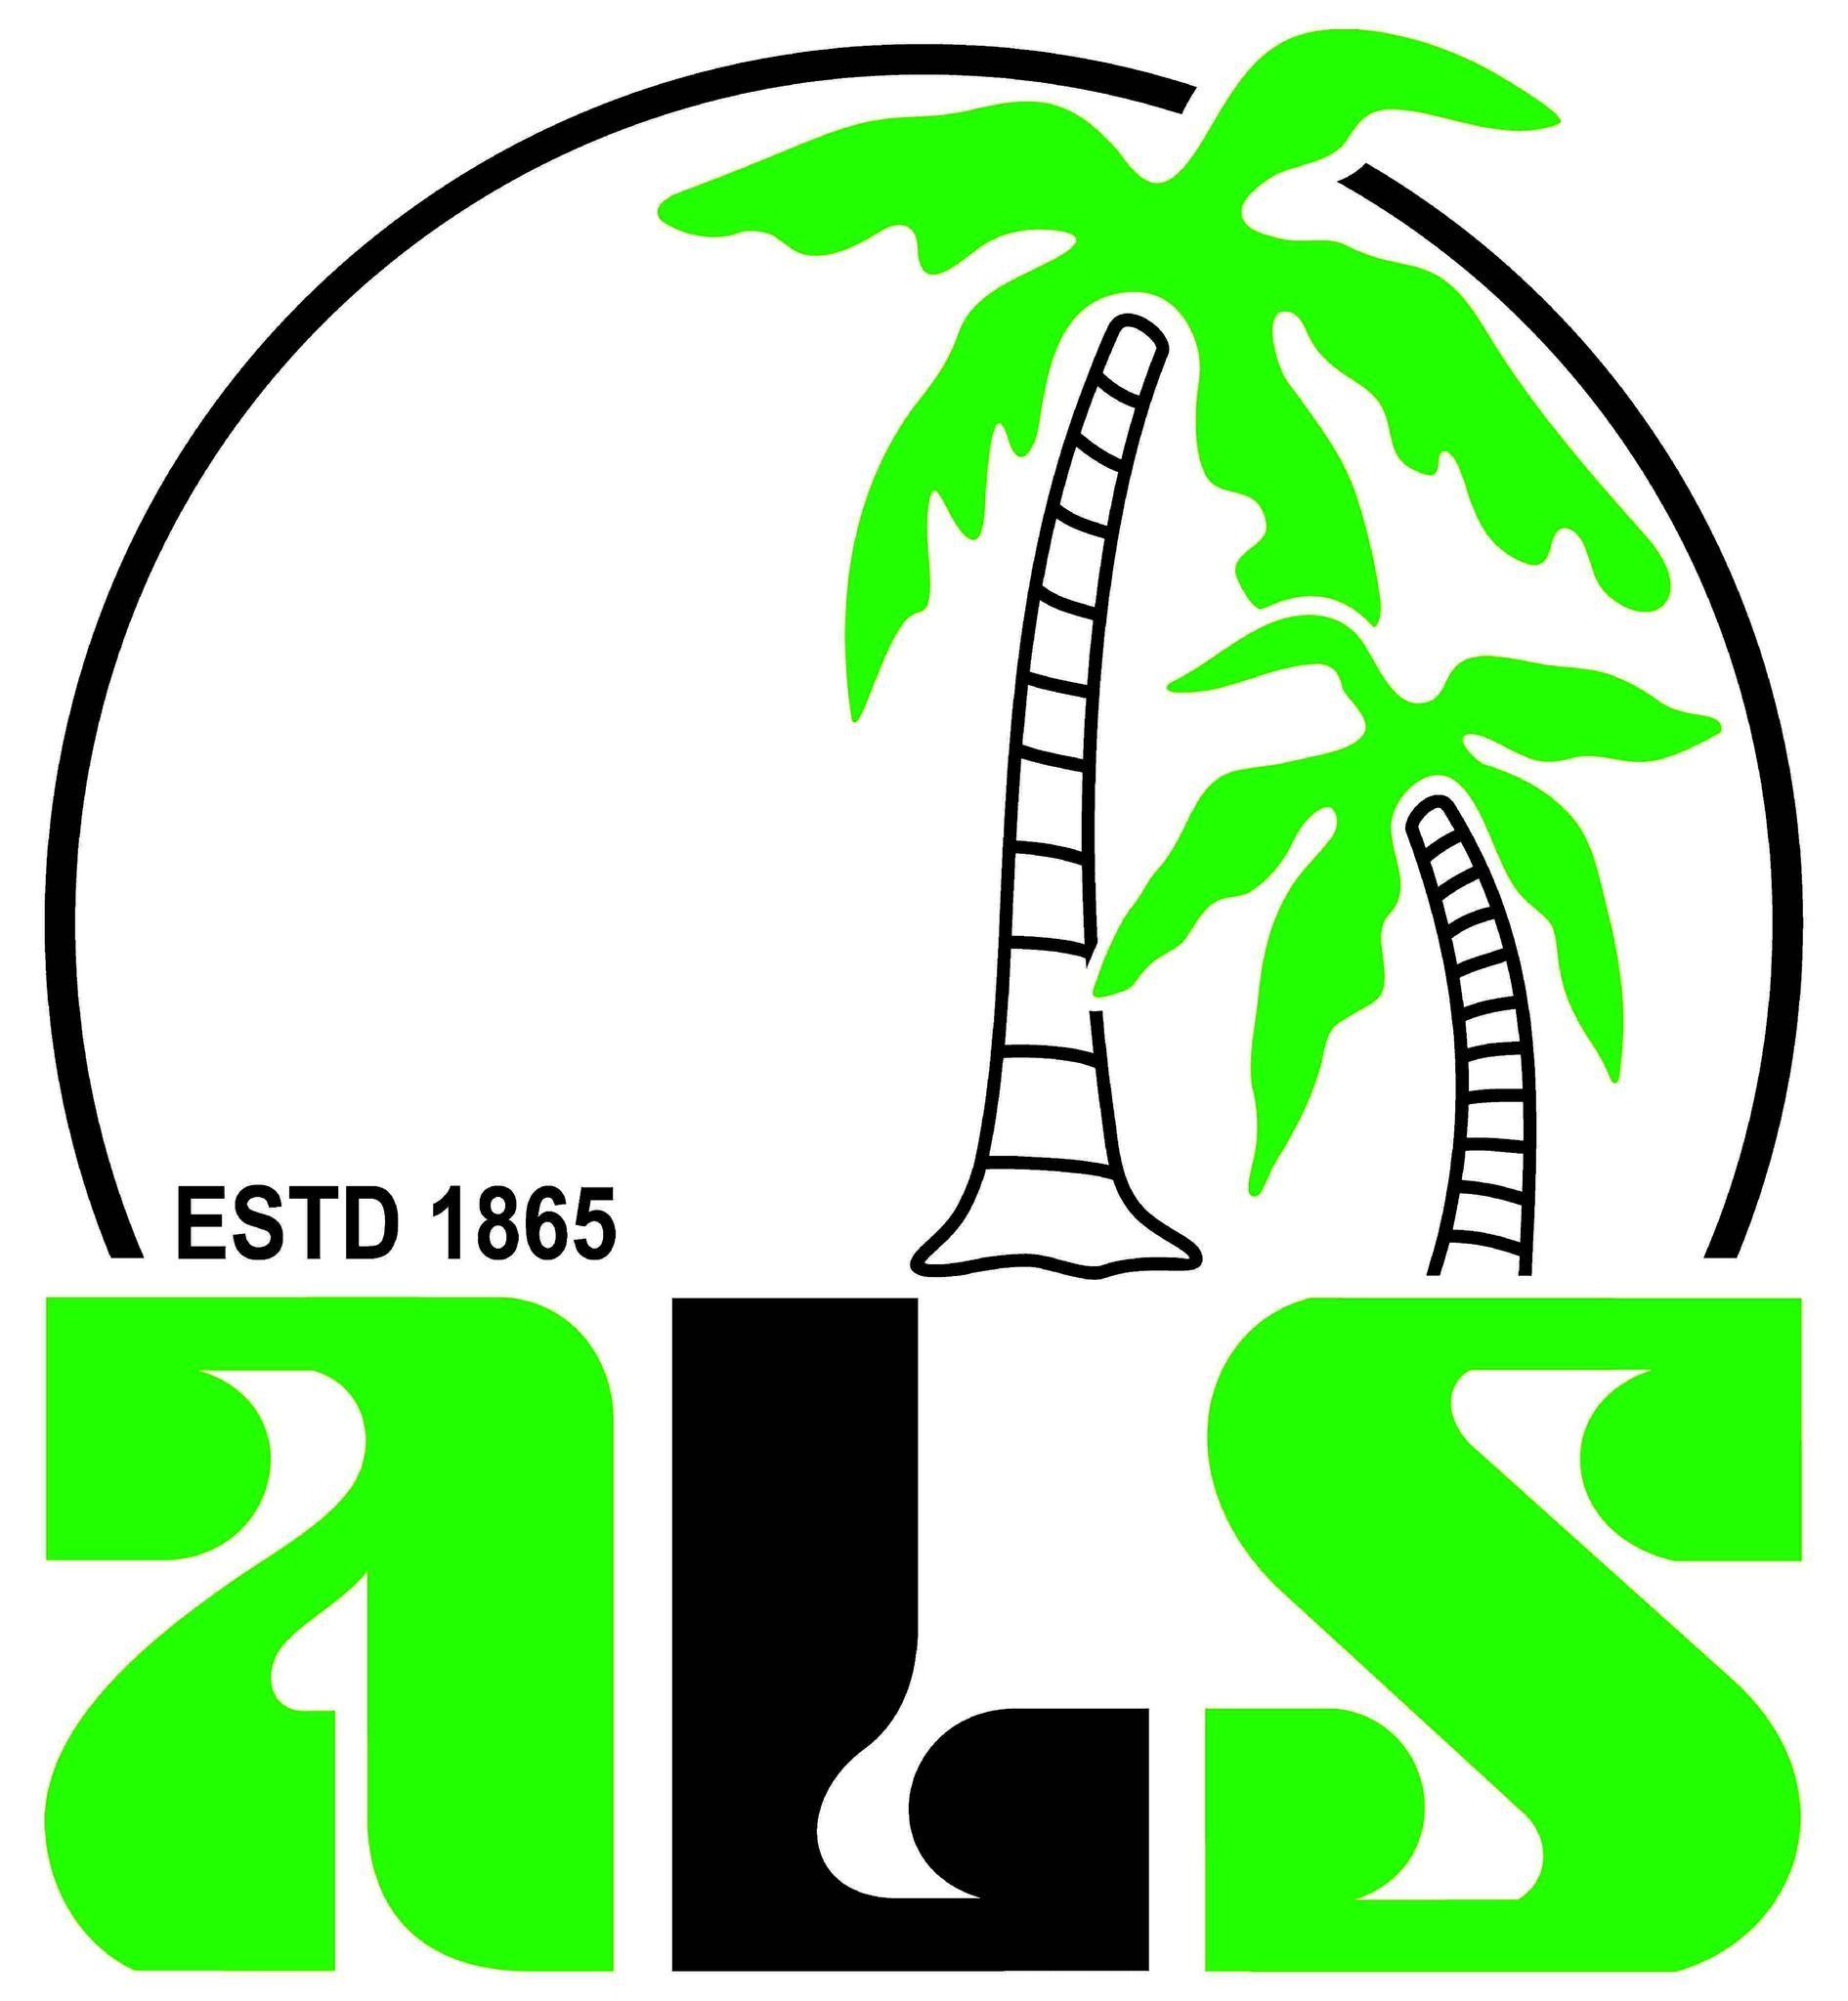 Adamjee Lukmanjee & Sons Ltd